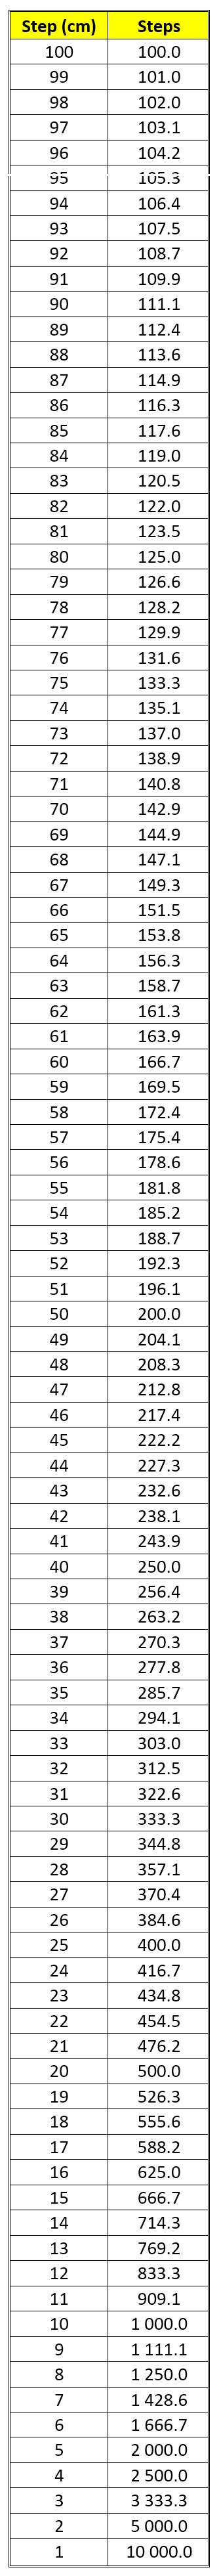 Meters To Steps : meters, steps, Average,, Steps, Travel, Meters?, Quora